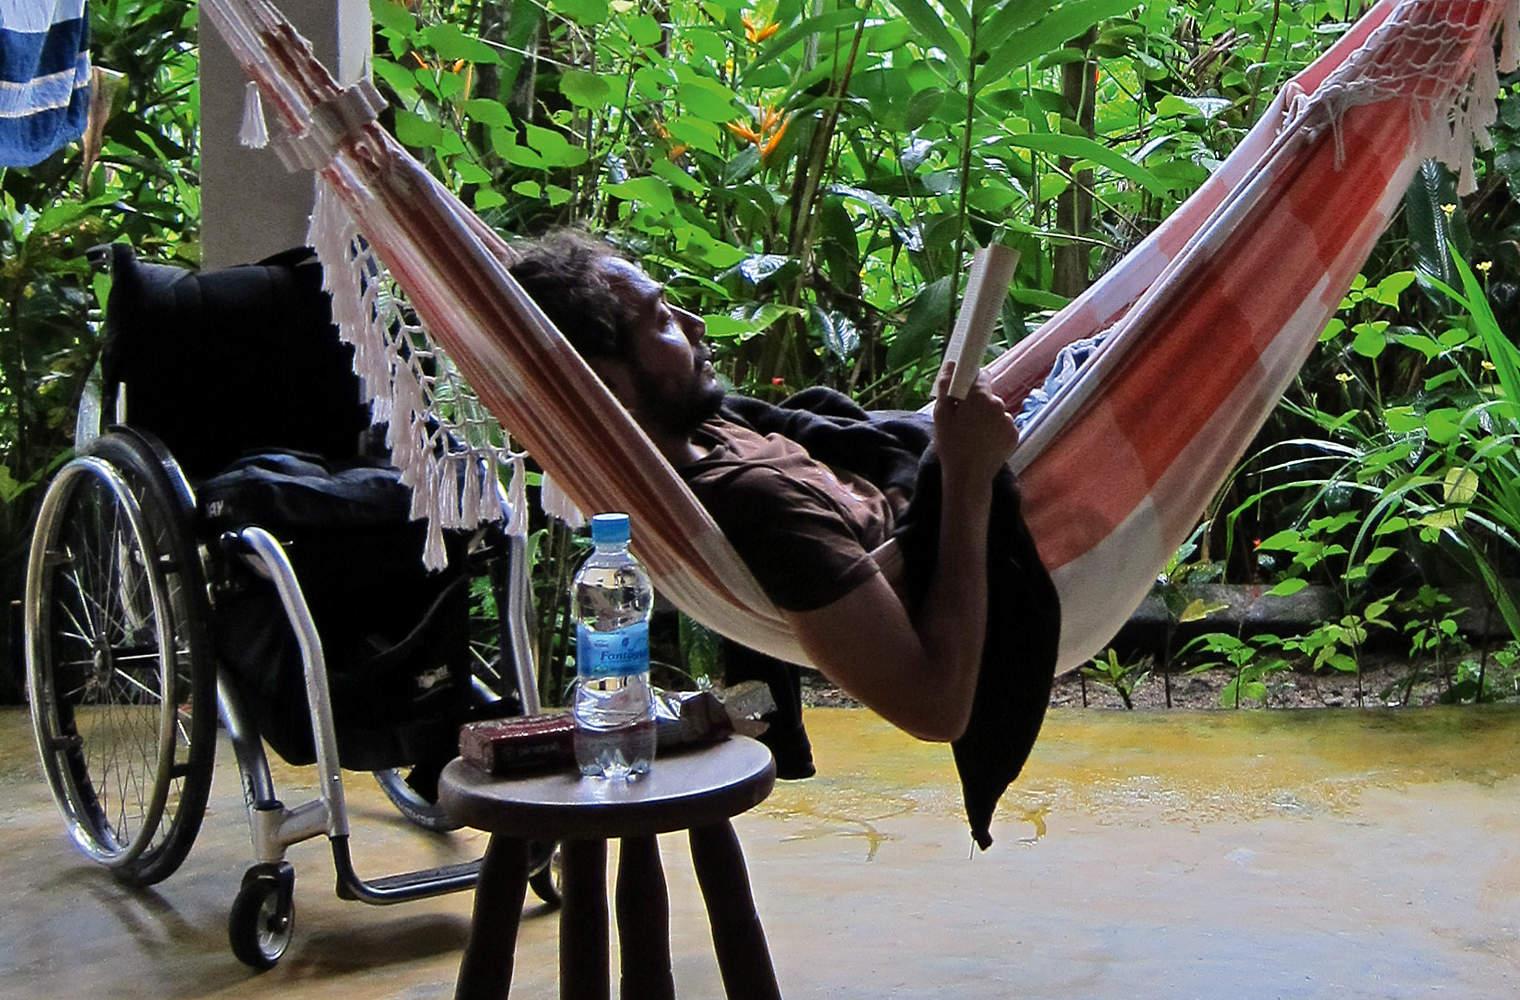 Autor Reinfried Blaha genießt auf einer Terrasse umgeben von grünen Pflanzen das Leben. Er liegt bequem in einer Hängematte und liest ein Buch. Dan...